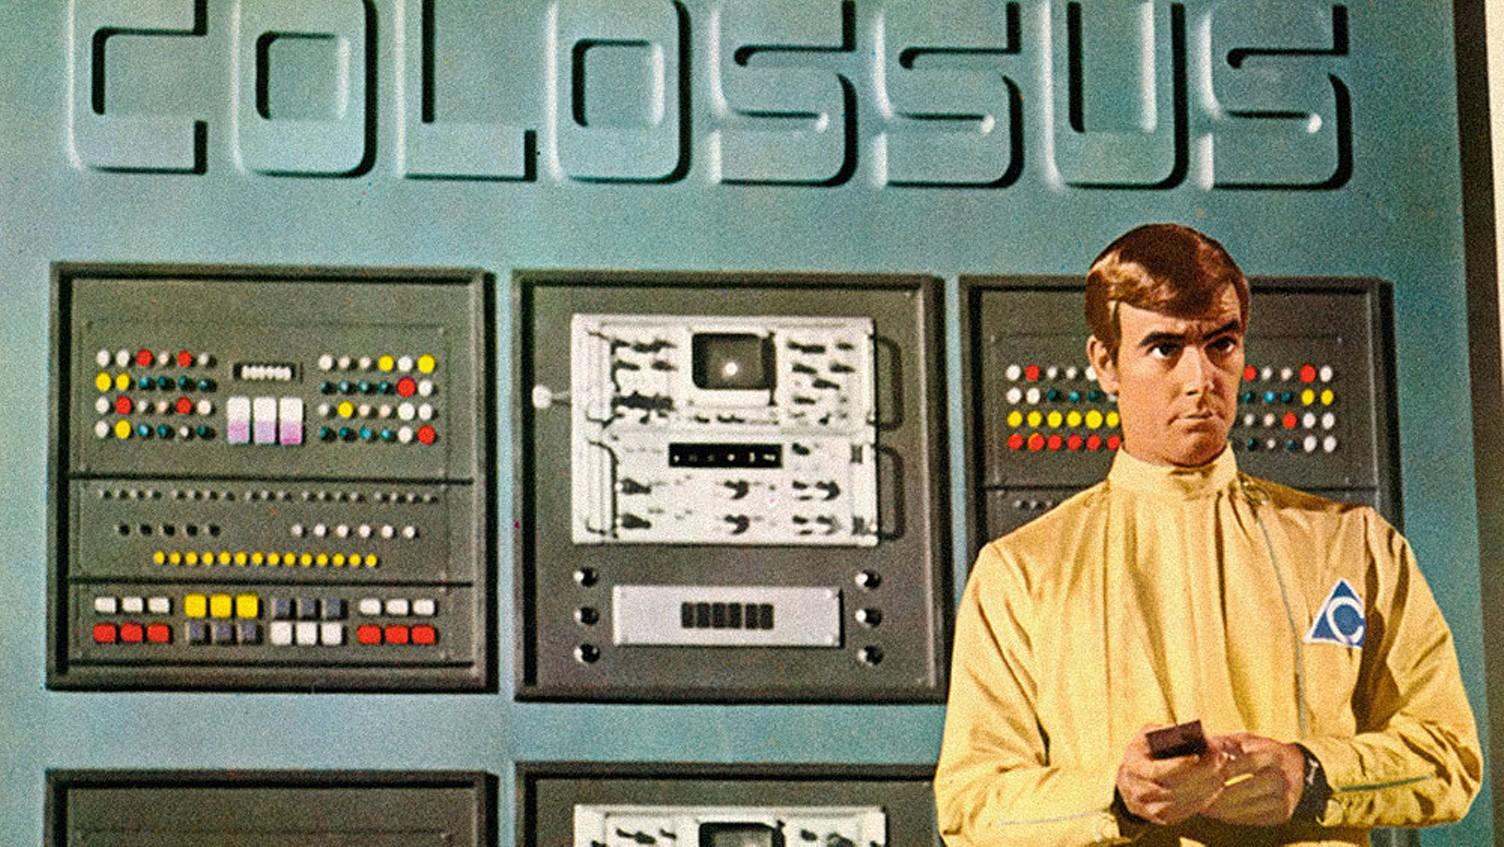 Ilustración de Colossus: The Forbin Project, pelicula sobre inteligencia artificial